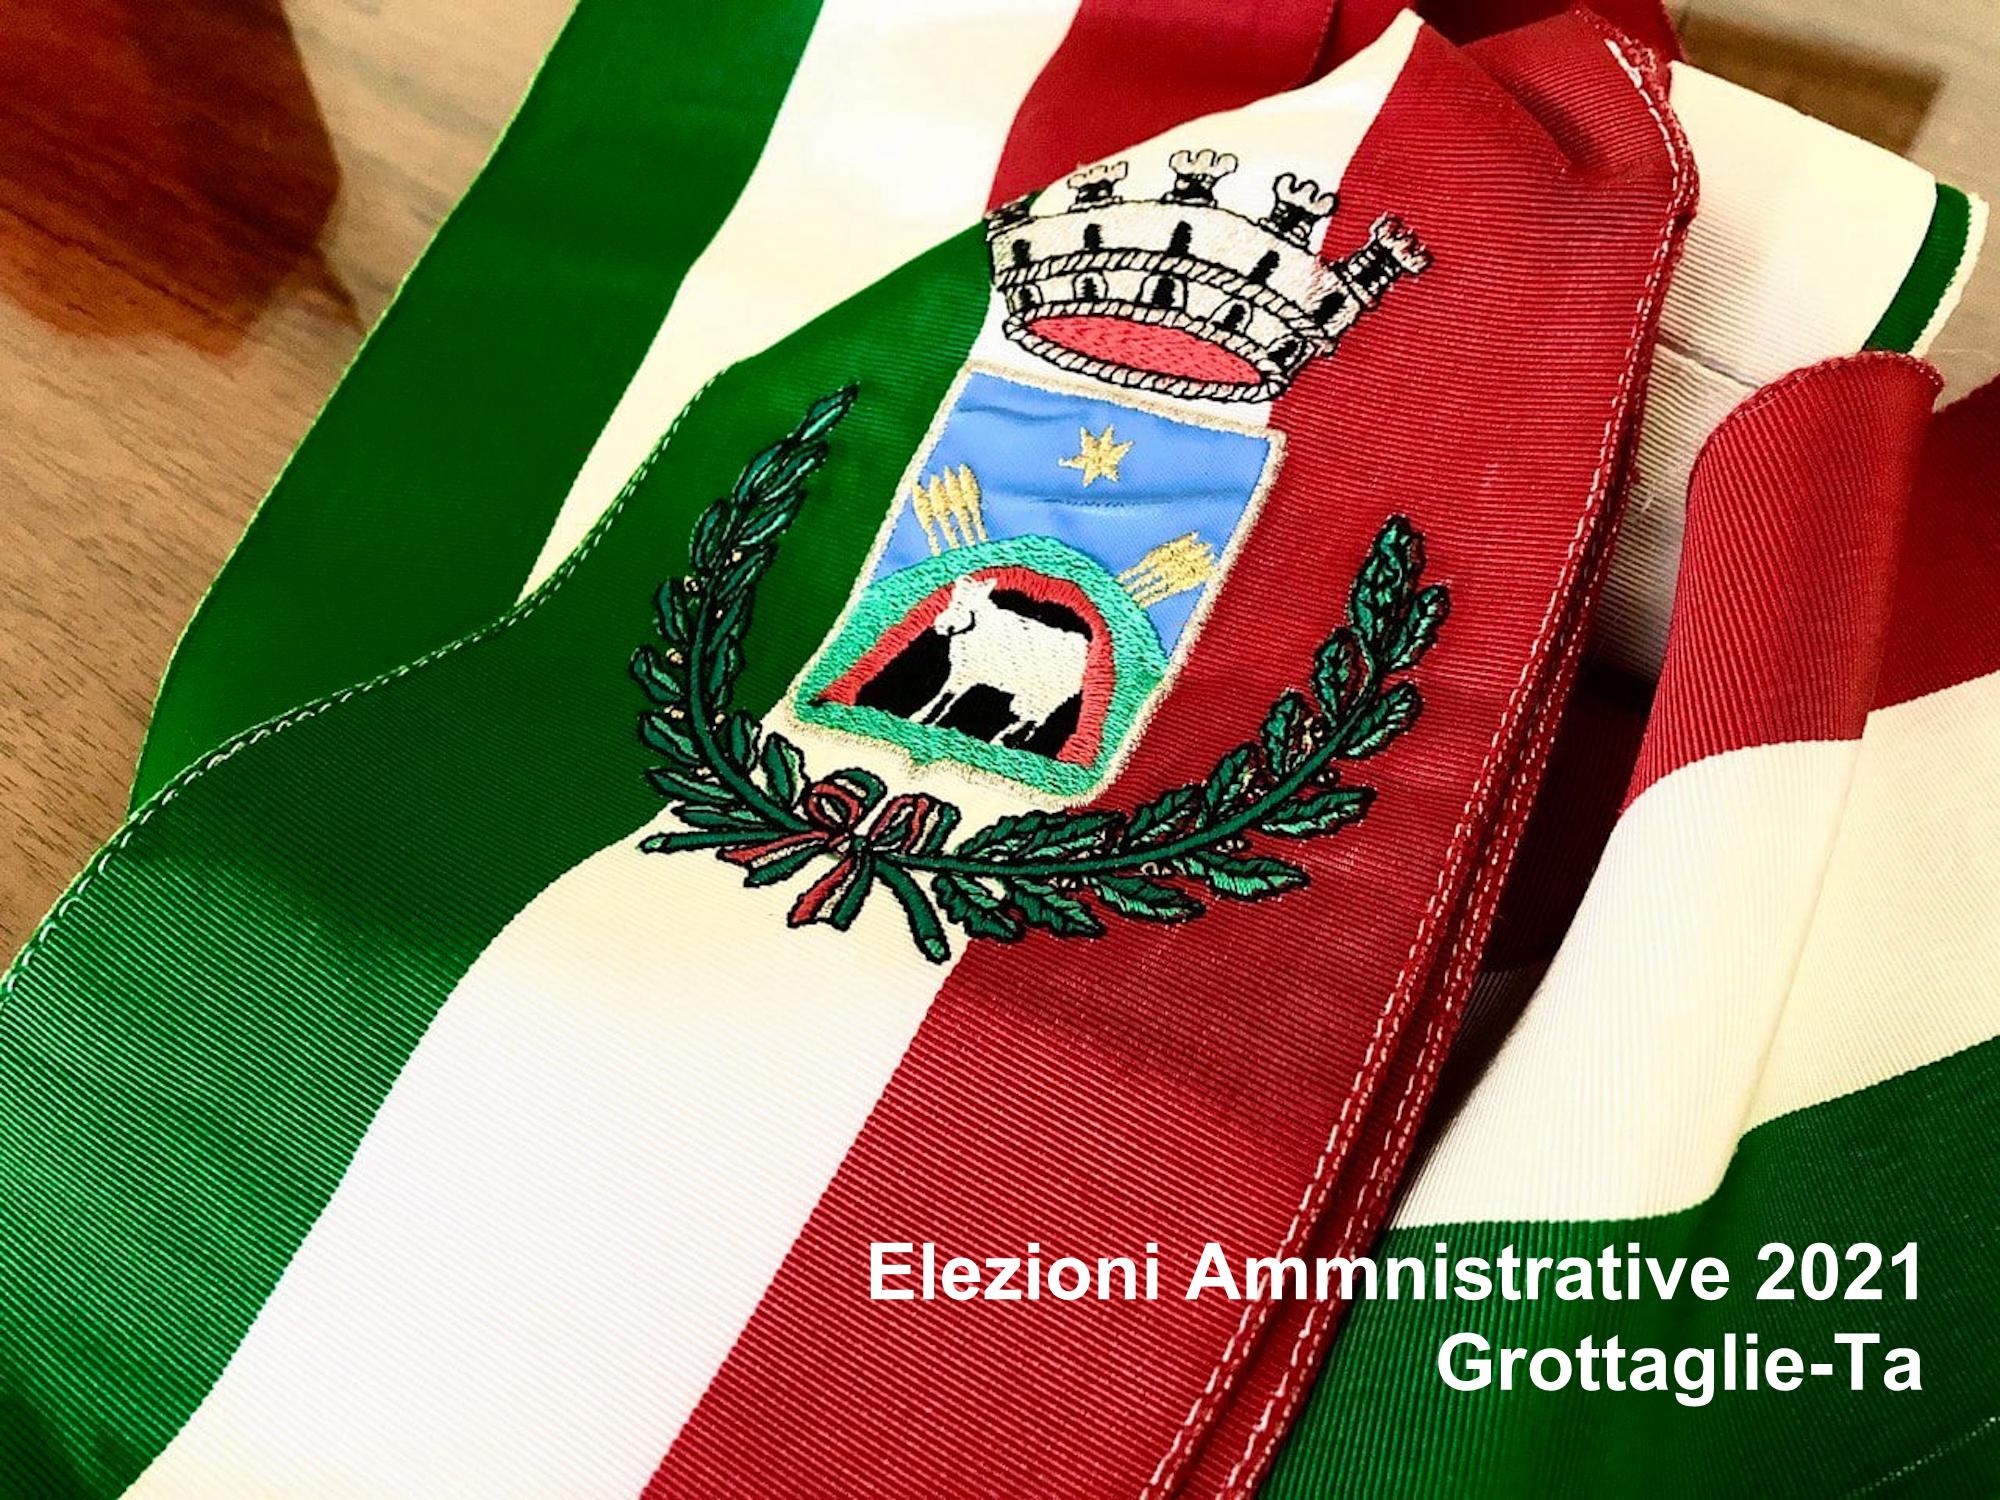 ELEZIONI AMMINISTRATIVE 2021. AVVIATO IL DIAOLOGO PARTITO DEMOCRATICO ED ARTICOLO UNO…ANZI NO!